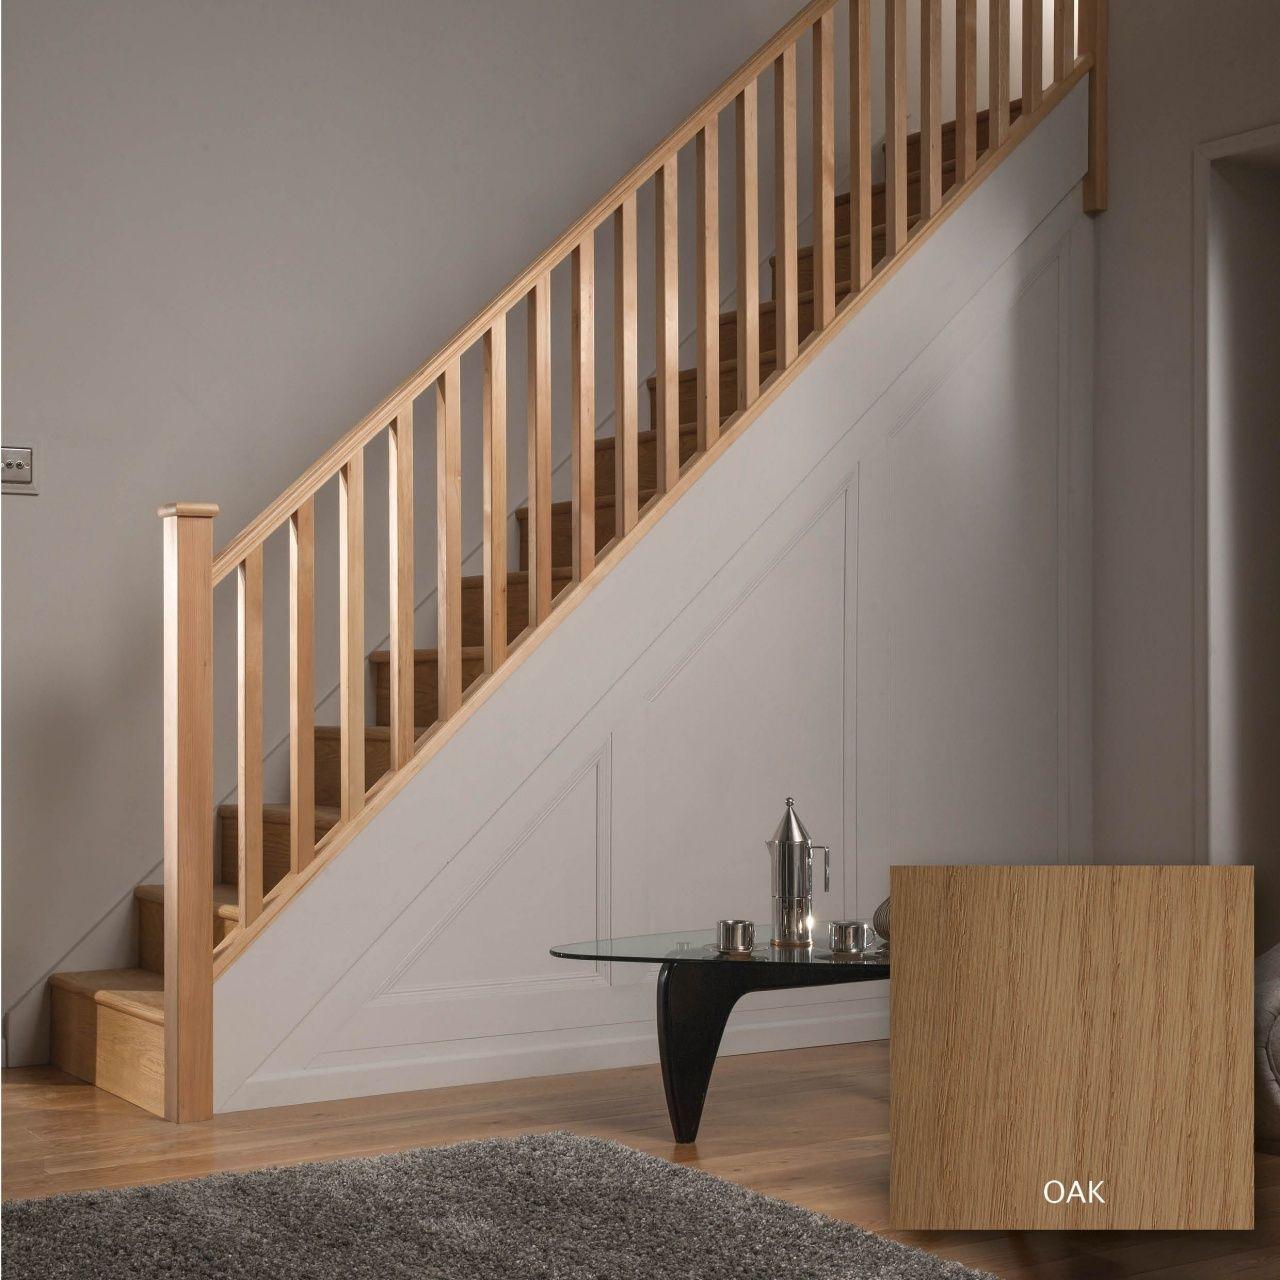 Diy stair railing ideas in 2020 interior stair railing